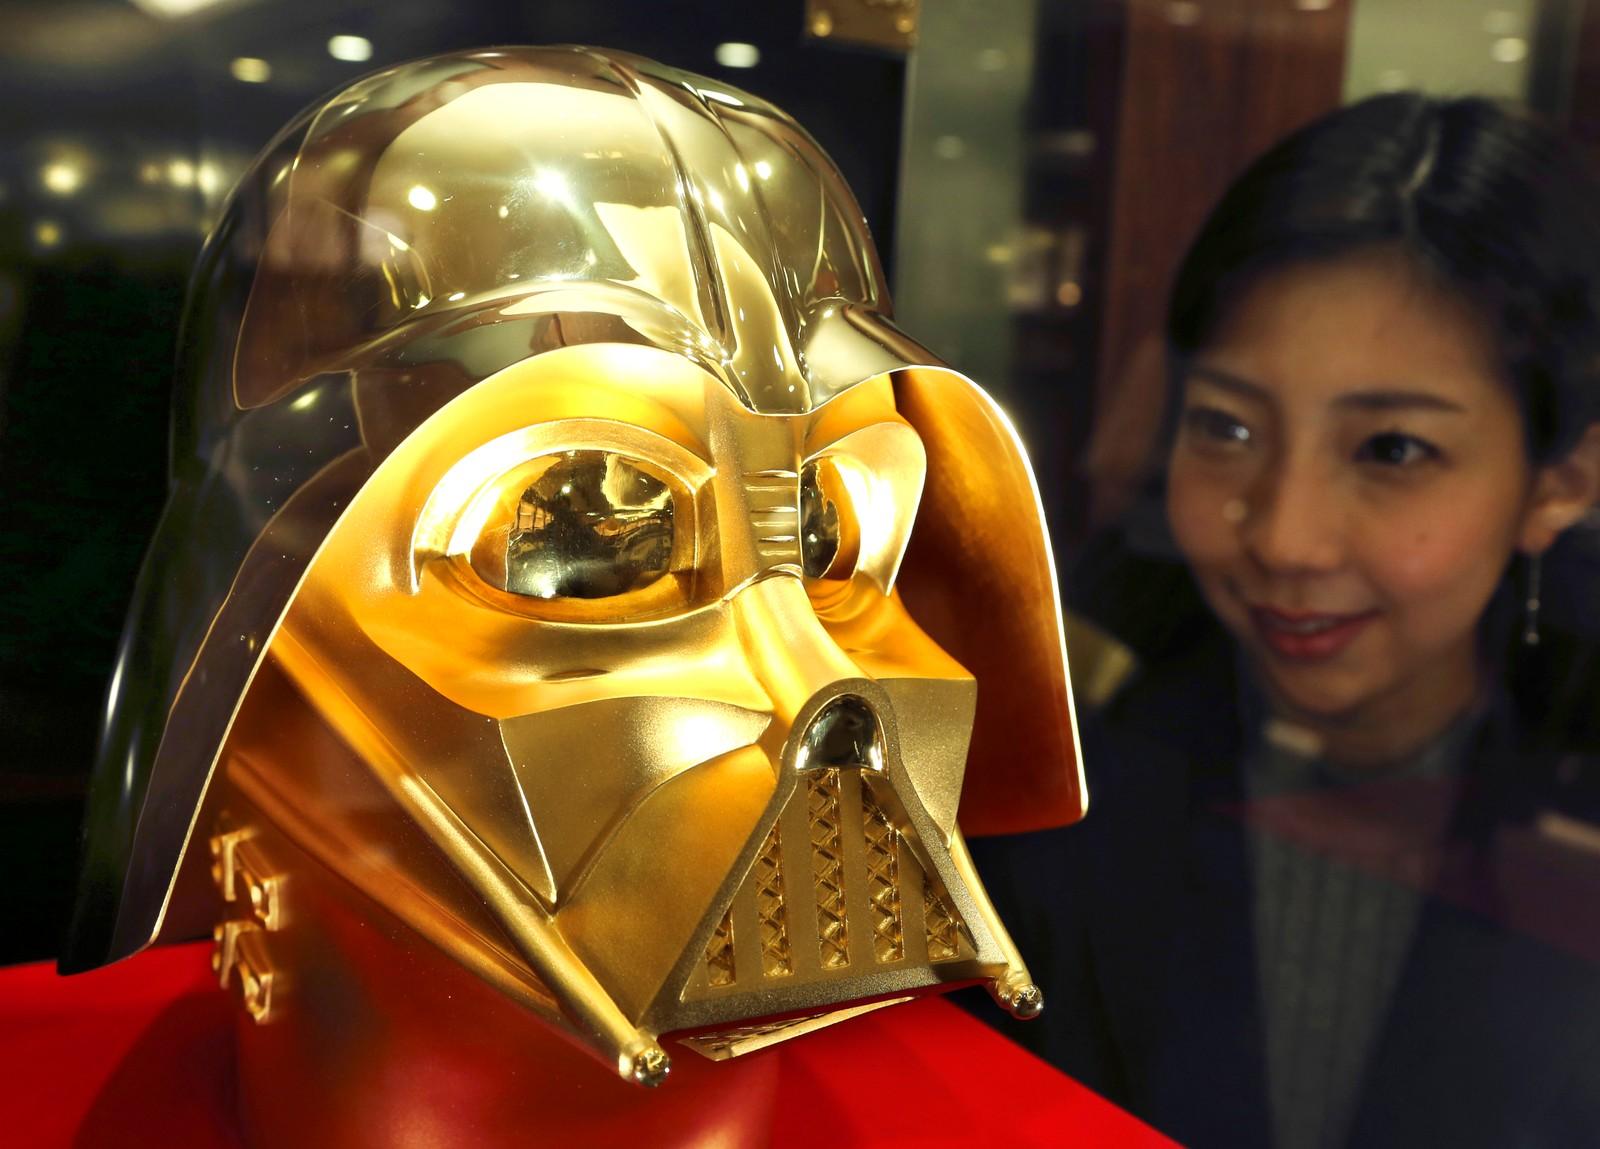 En kvinne som er ansatt i gullsmedforretningen Ginza Tanaka i Tokyo ser på en Darth Vader-maske laget av 24 karat gull. Masken veier 15 kilo og koster nesten 12 millioner kroner. Masken er laget for å markere at det er 40 år siden den første Star Wars-filmen kom.